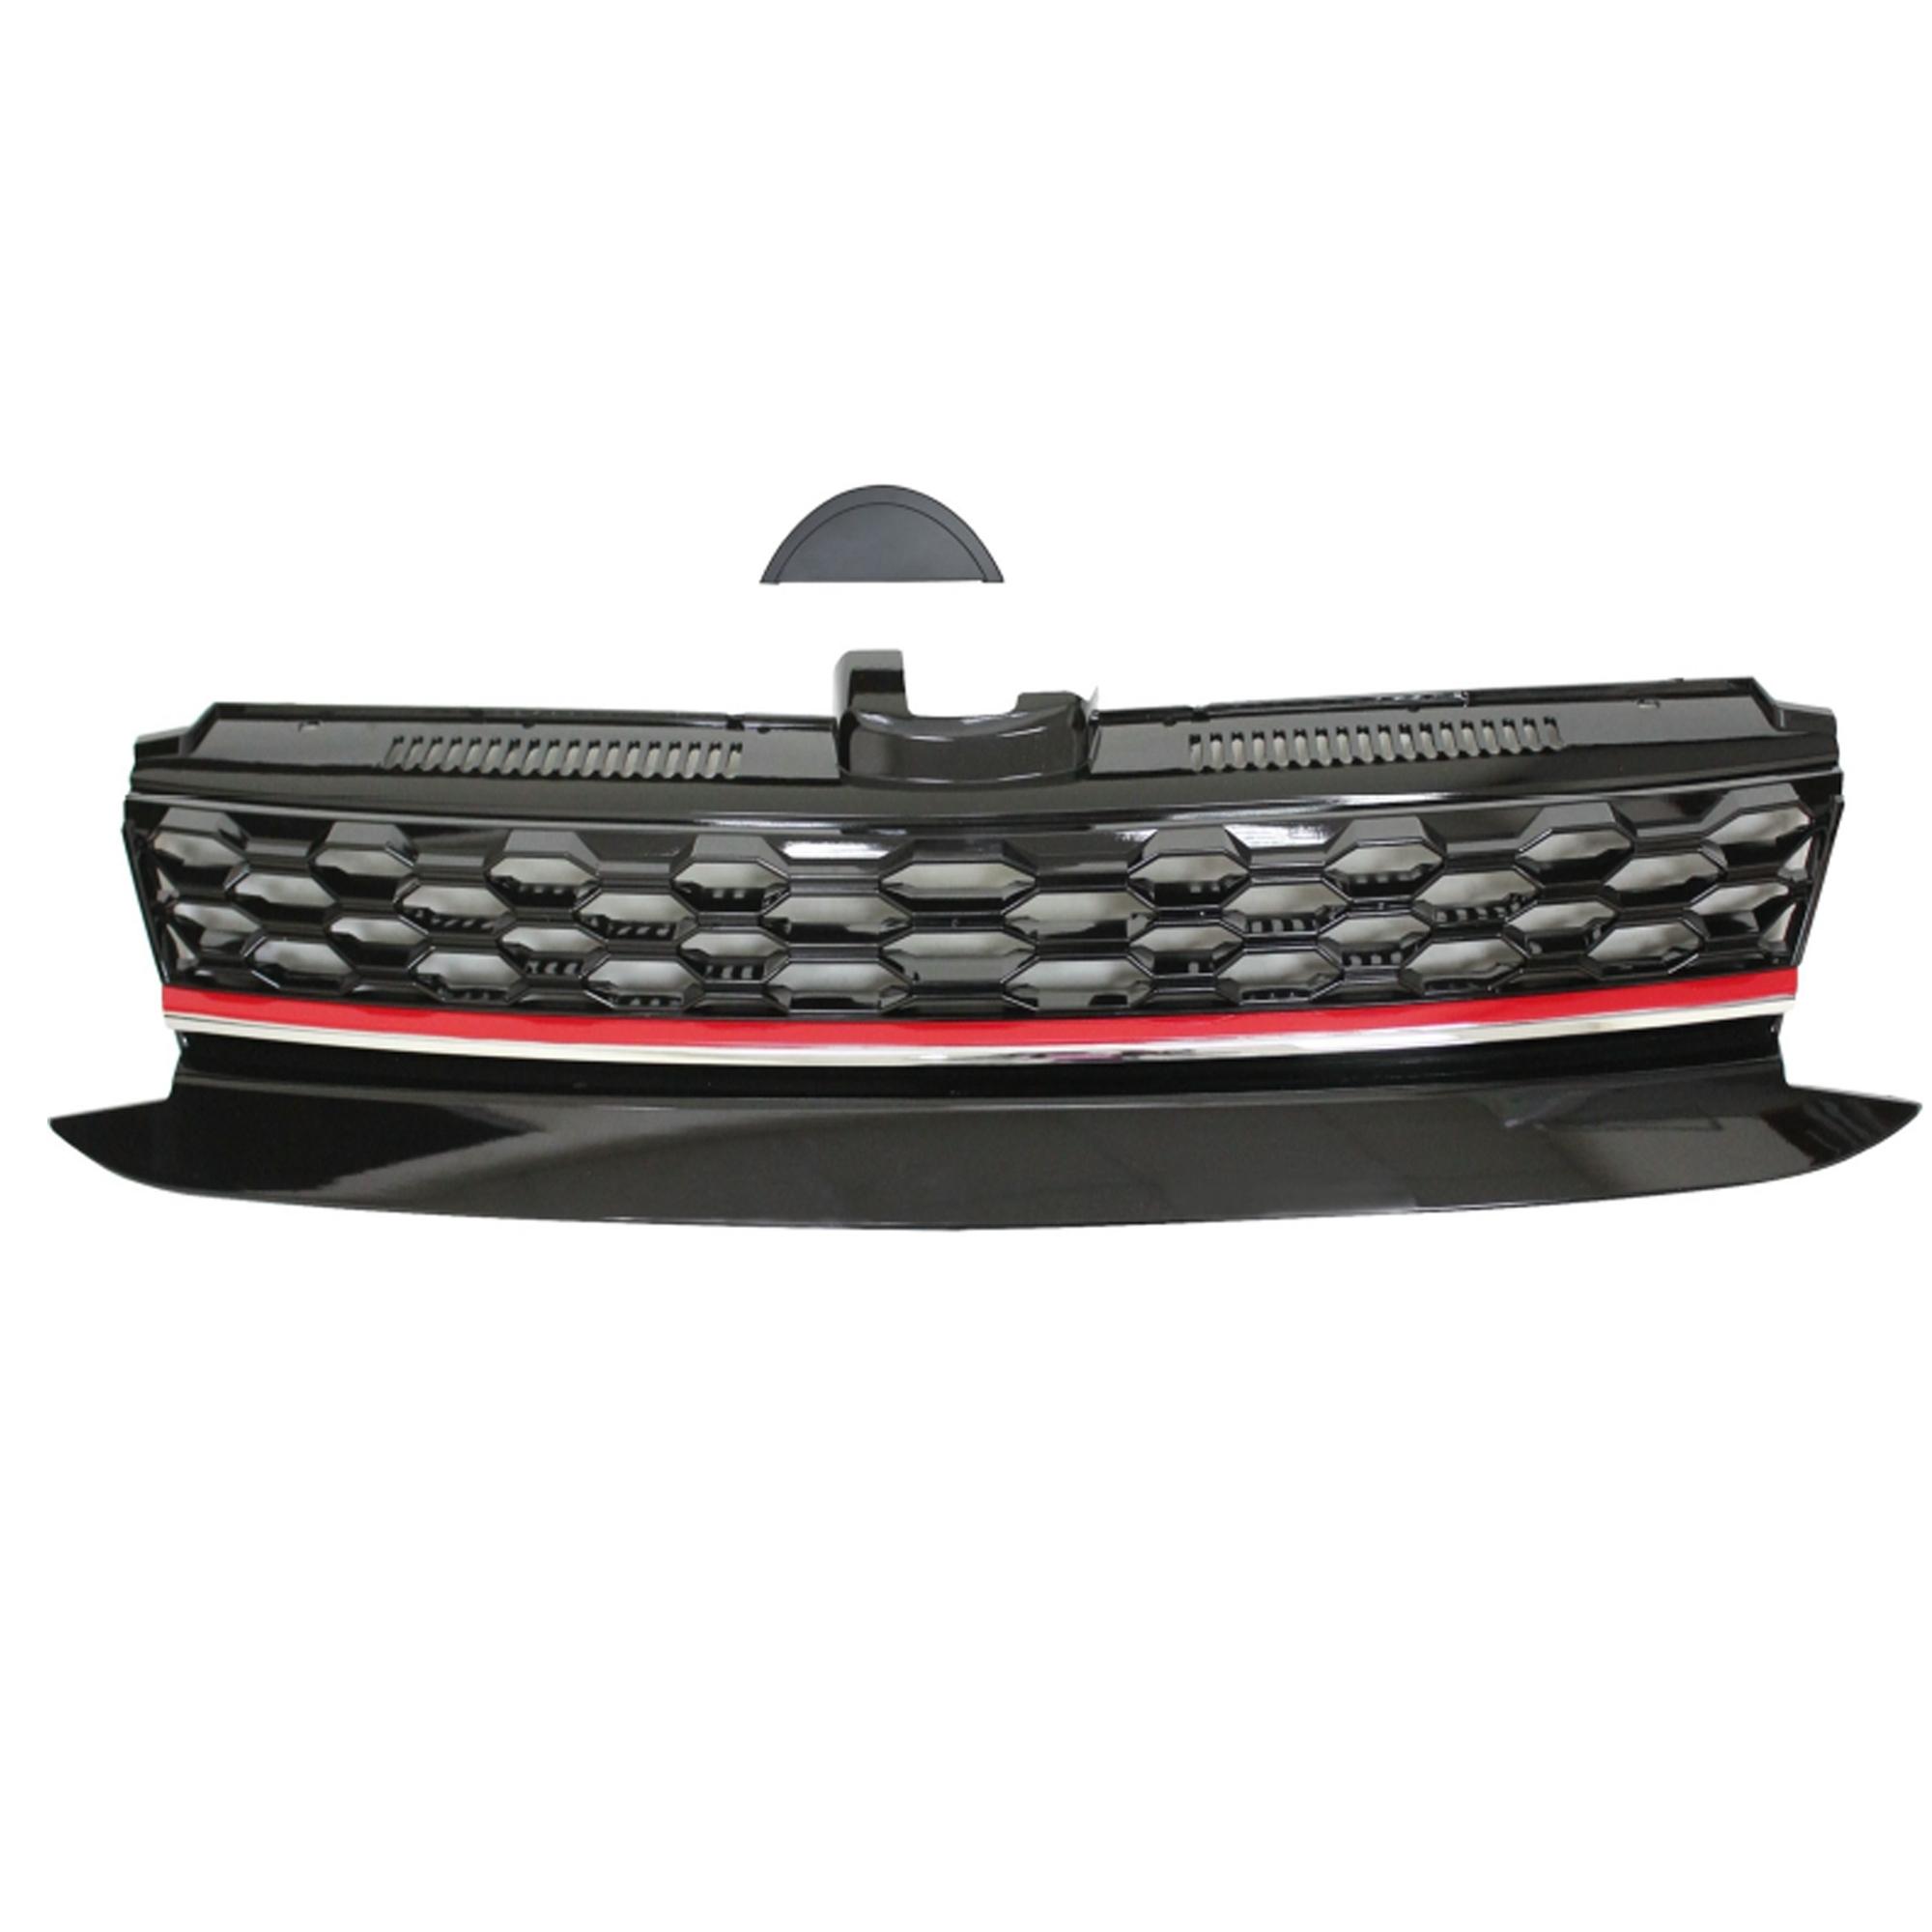 JOM Frontgrill med honeycomb gitter i sort med rød/krom liste til VW Golf 7 årgang 2017- Styling